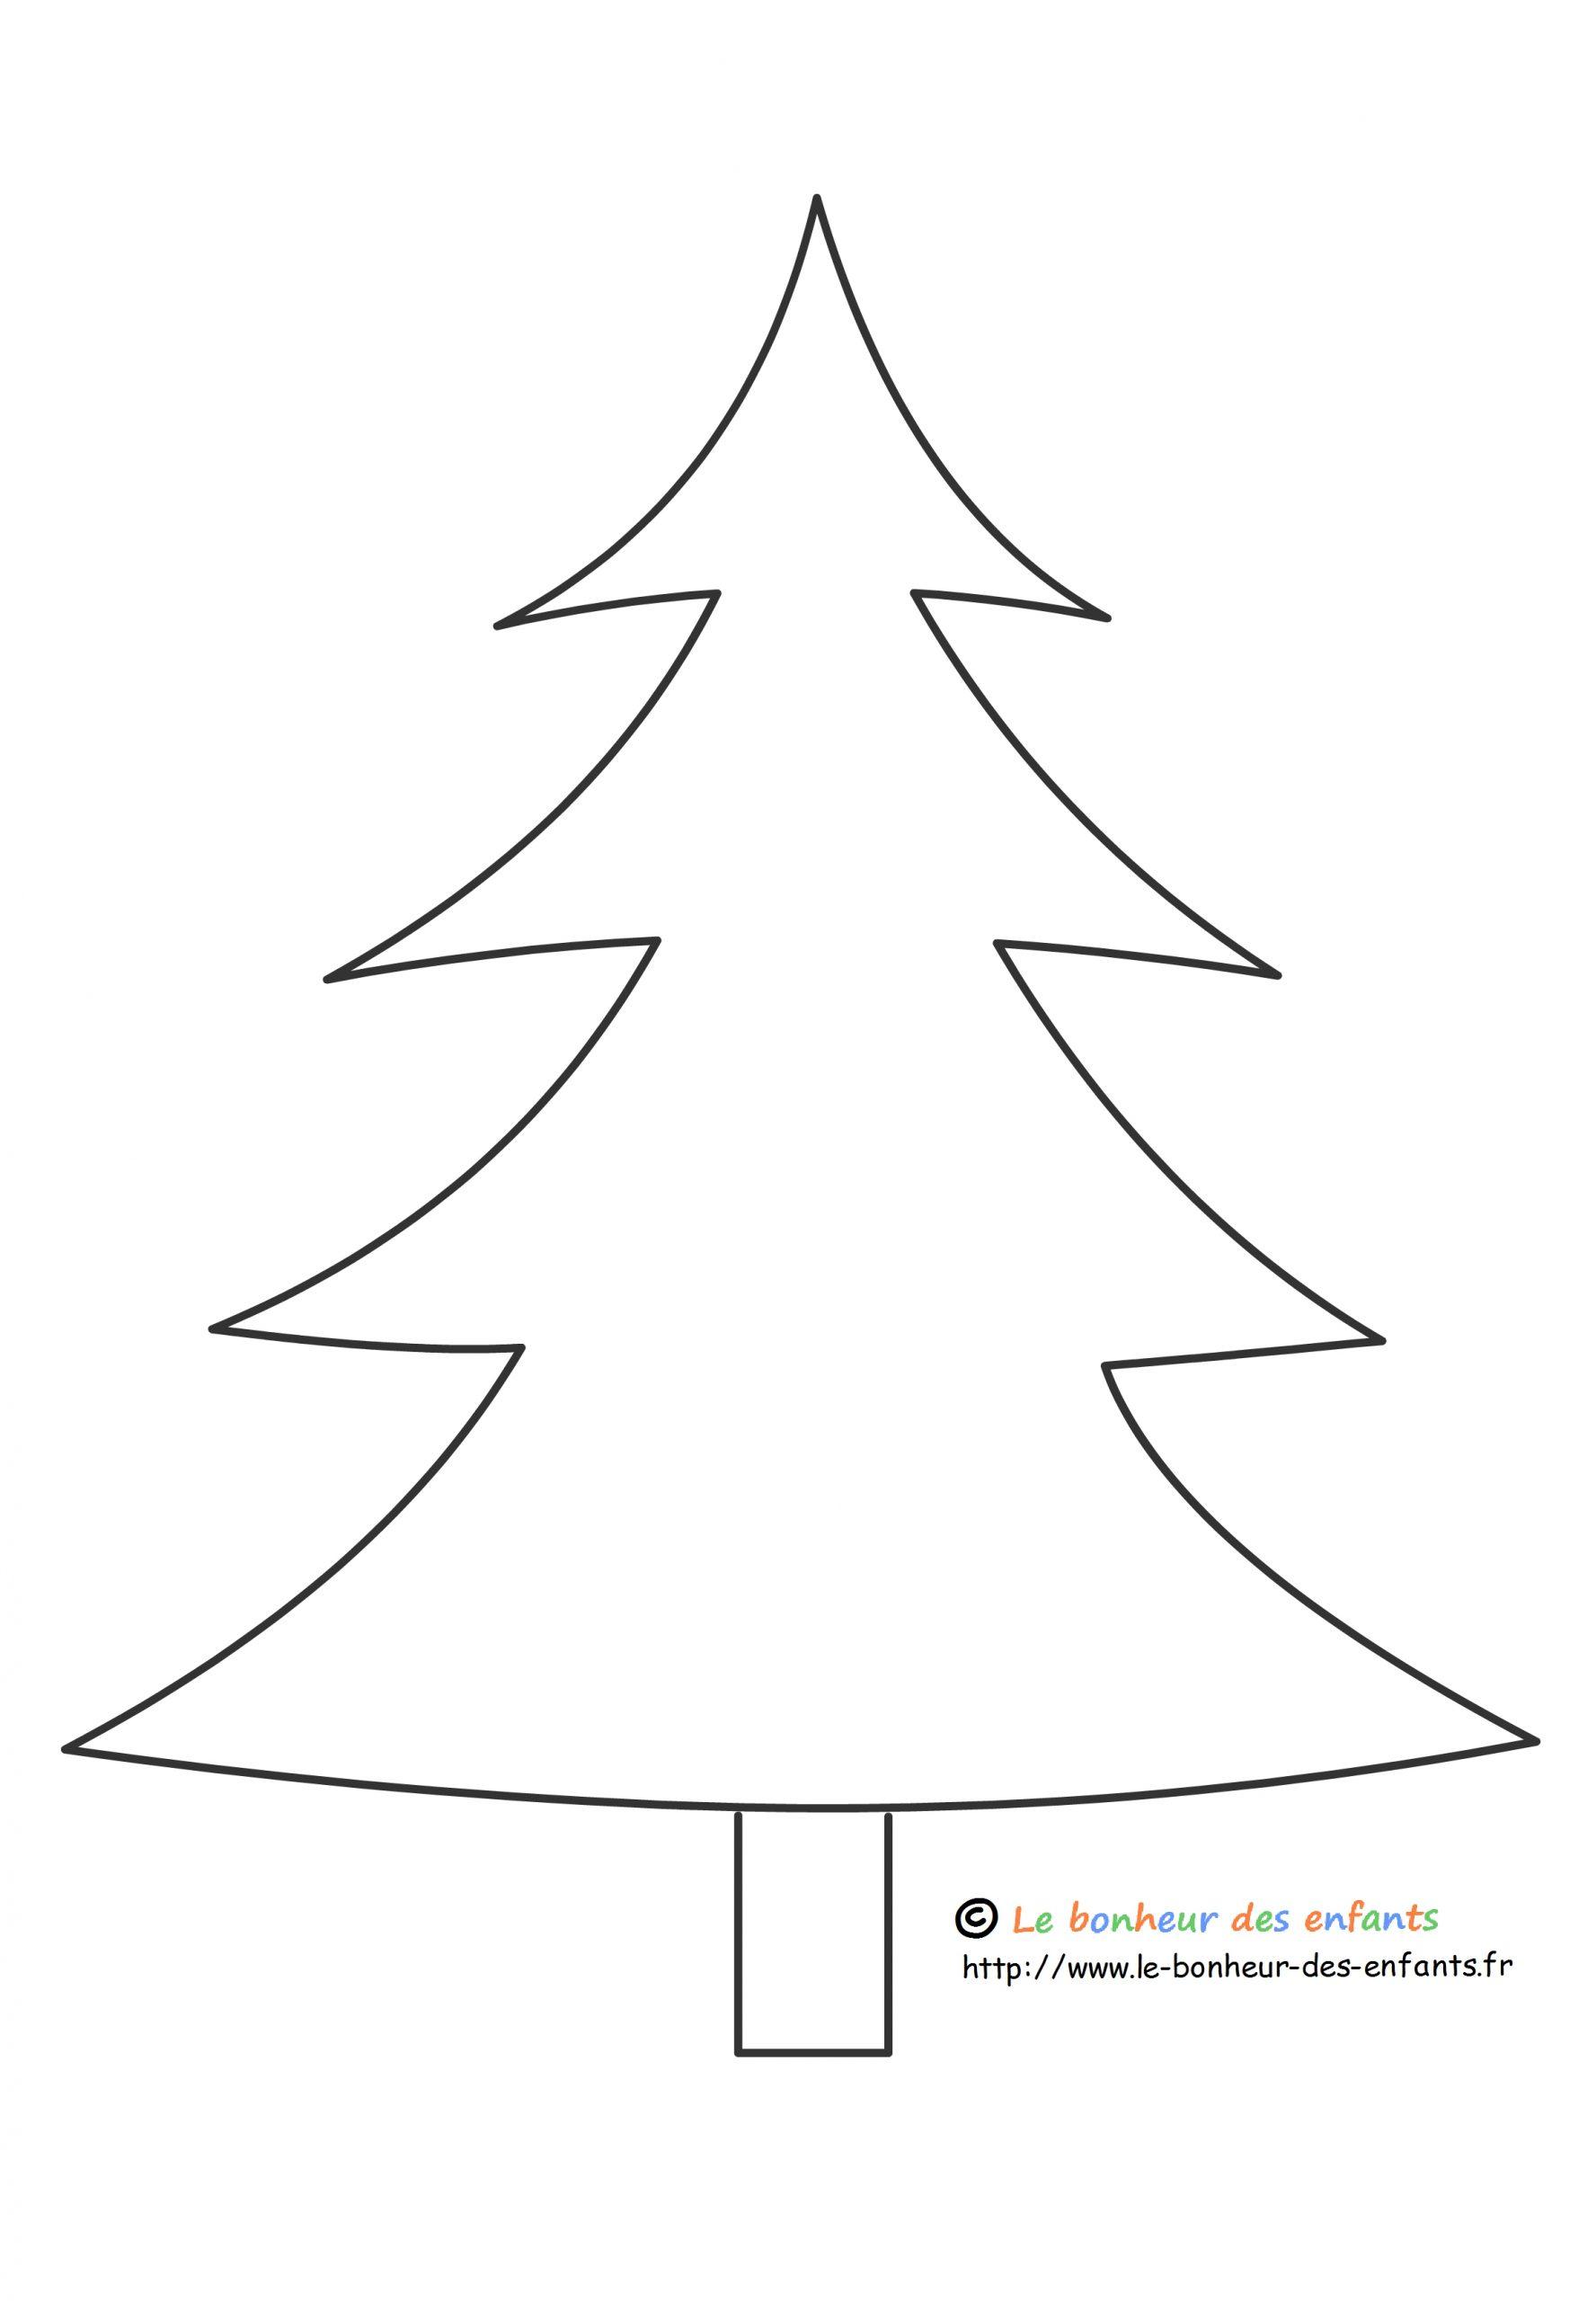 Sapin De Noël #47 (Objets) – Coloriages À Imprimer encequiconcerne Coloriage De Sapin De Noel A Imprimer Gratuit